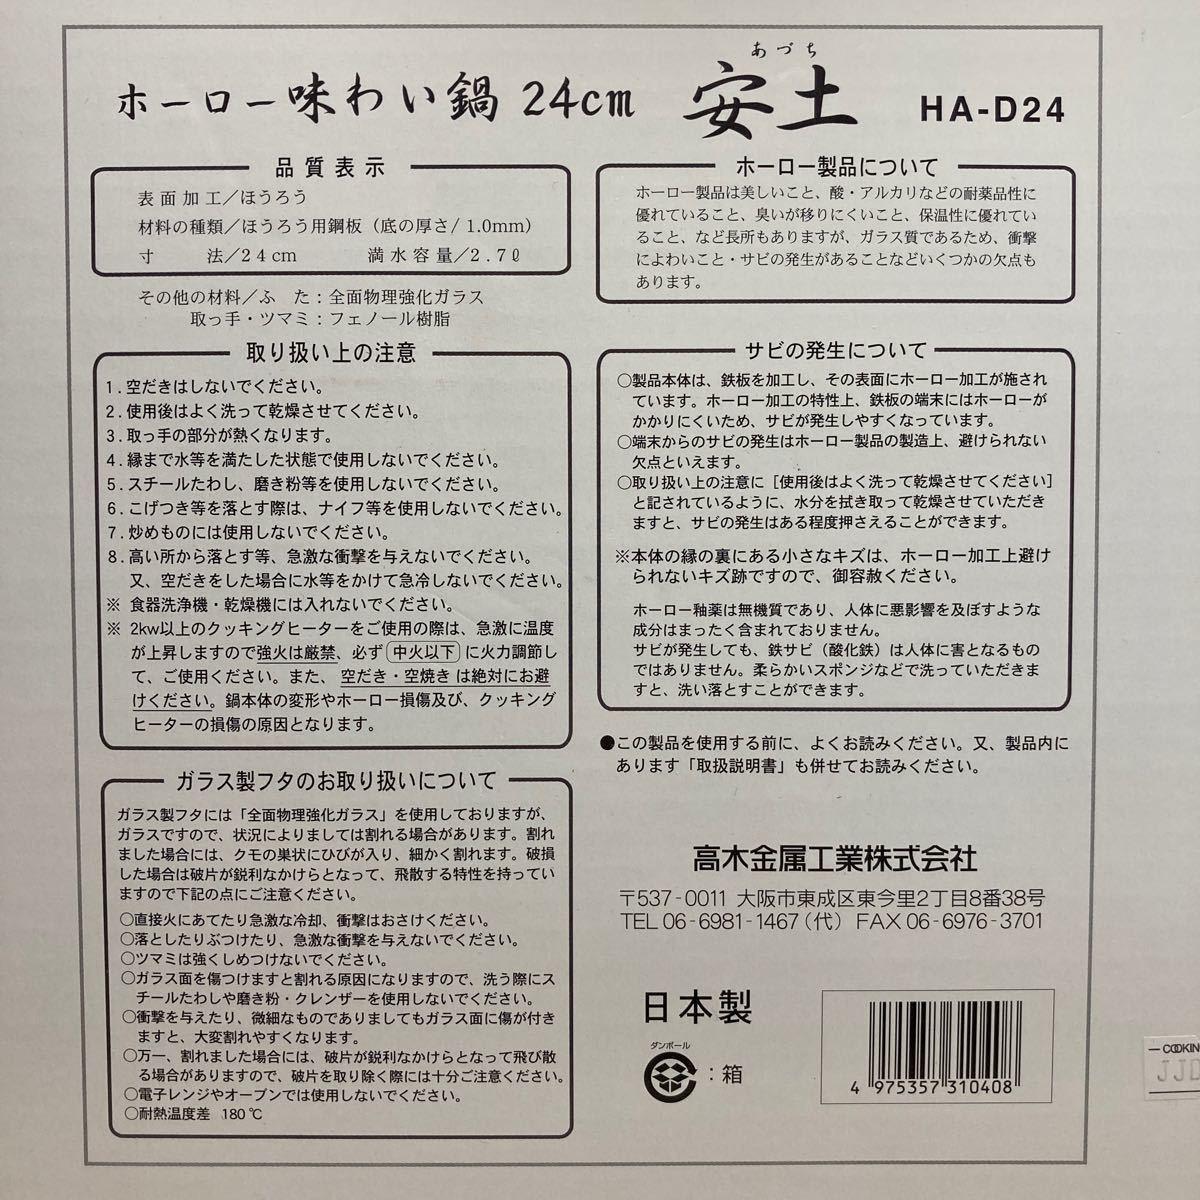 高木金属 両手鍋 ホーロー IH200V対応 24cm 味わい鍋 安土 (あづち) HA-D24